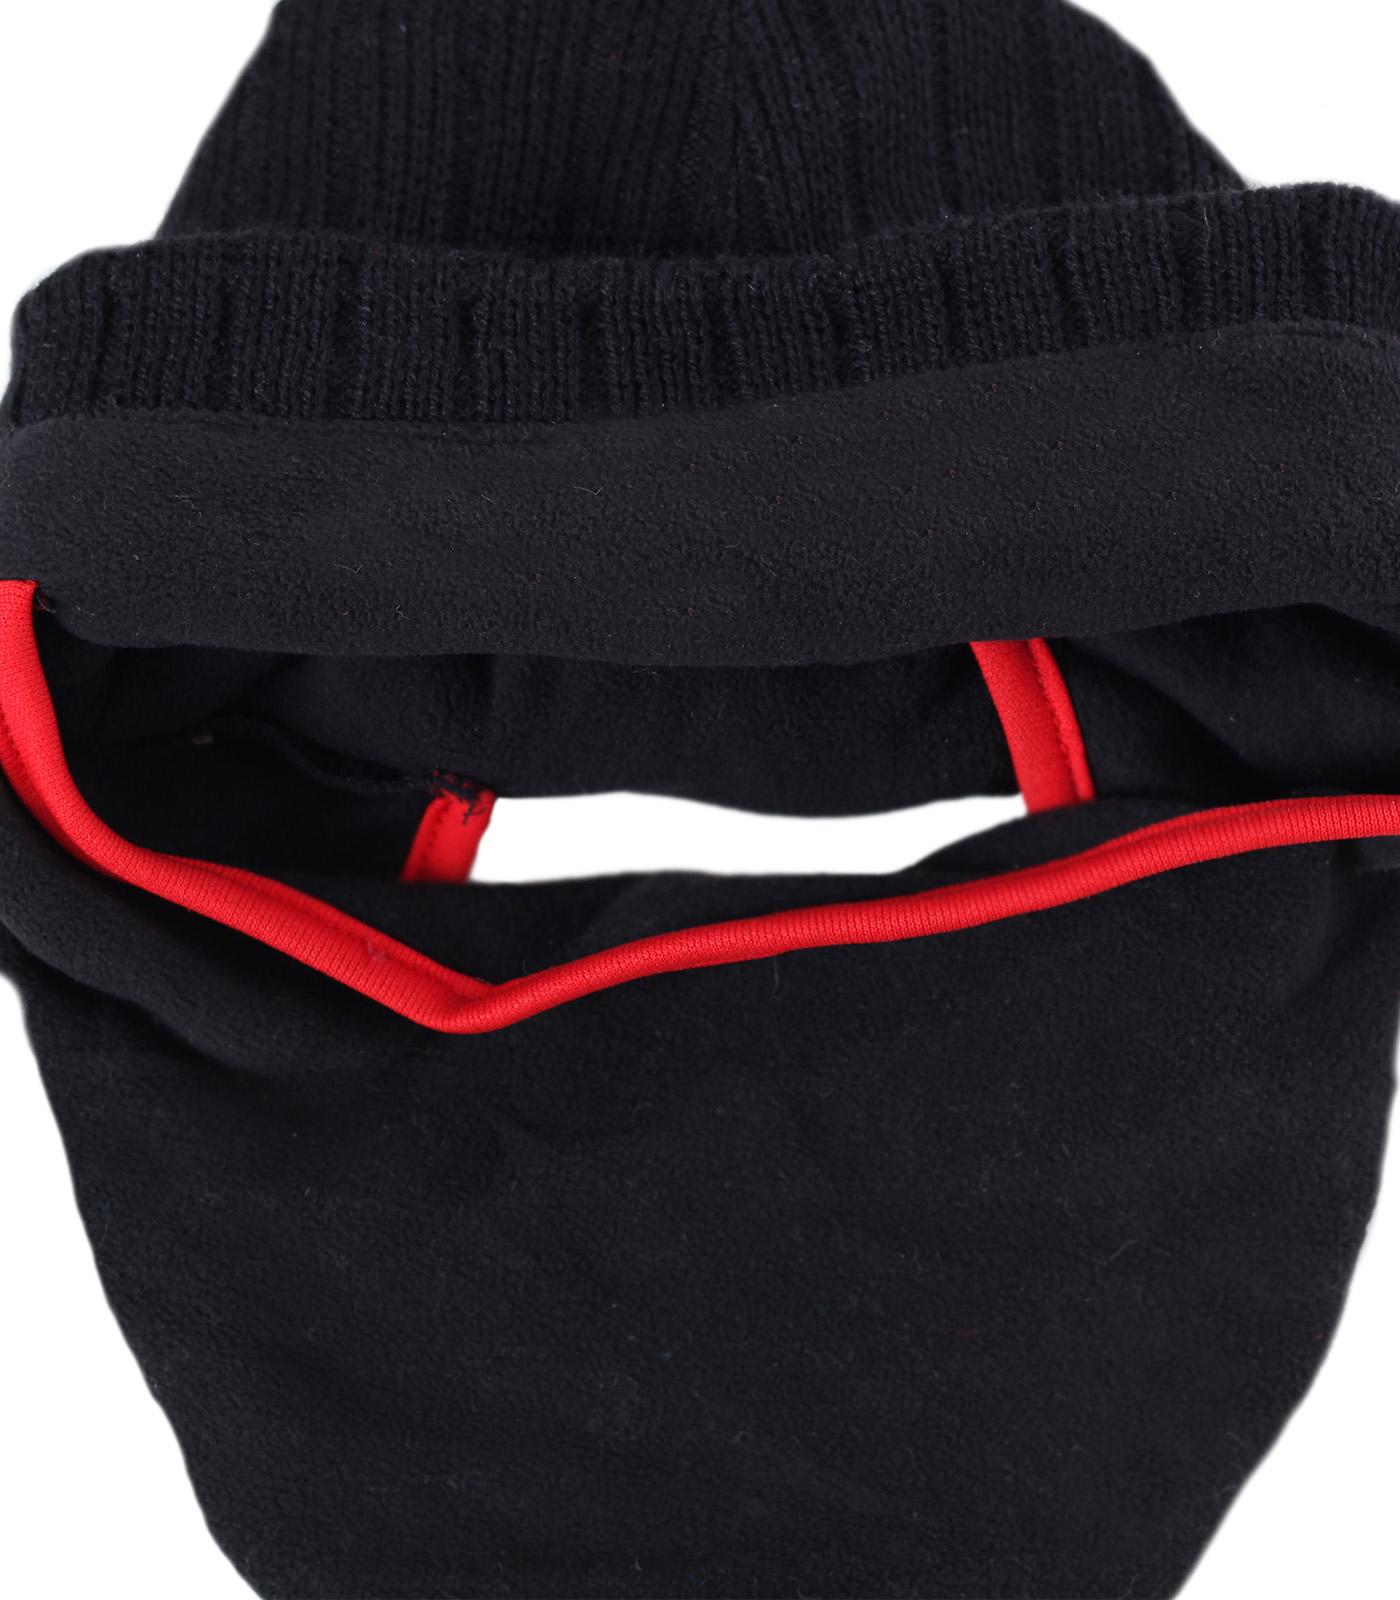 Купить зимнюю трикотажную мужскую шапку-балаклаву утепленную флисовой подкладкой по оптимальной цене